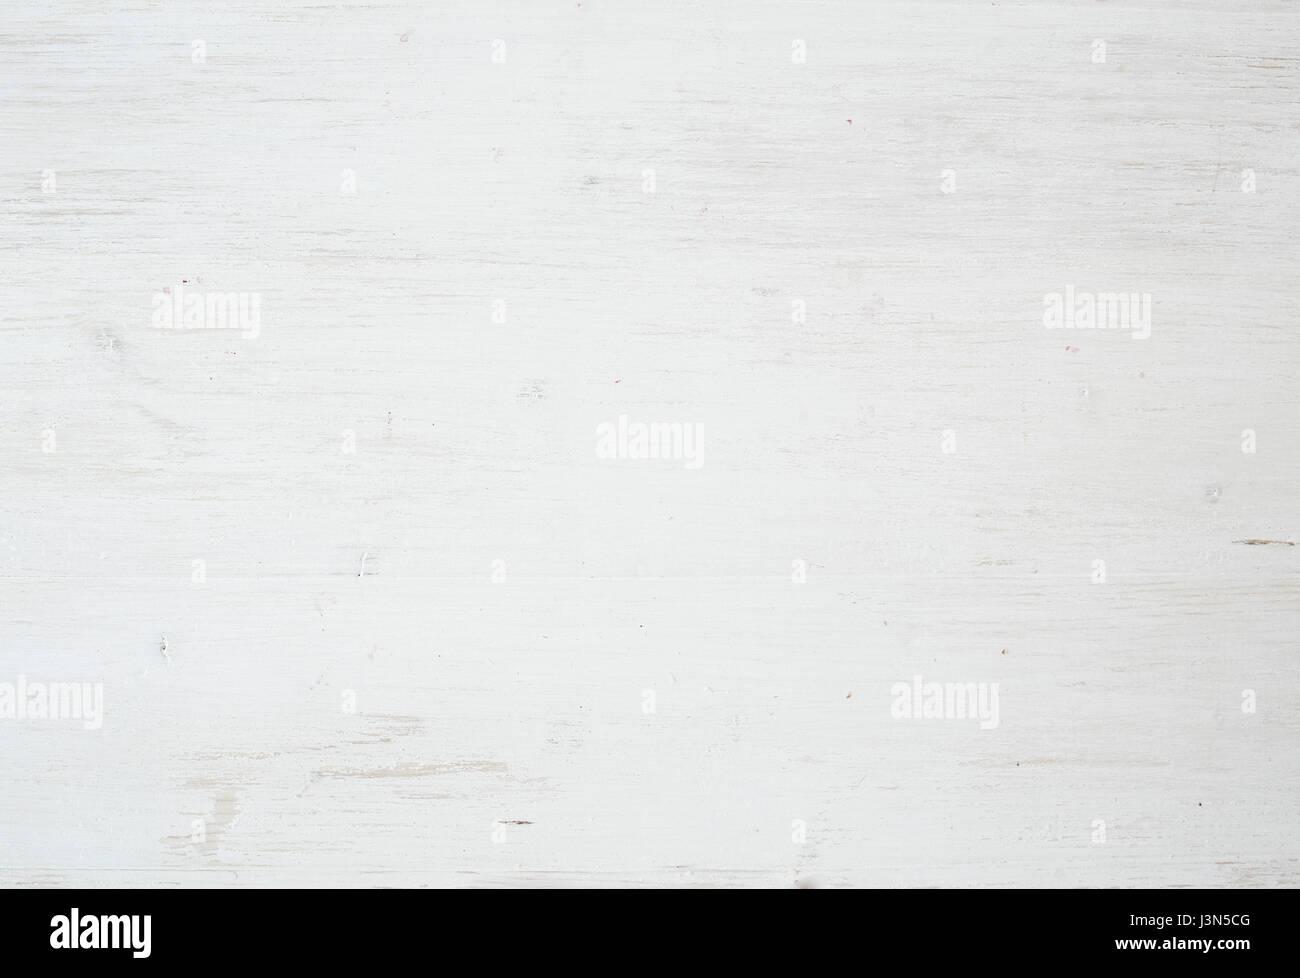 Textura de madera, madera blanca del fondo con una servilleta de cocina, horizontal Imagen De Stock